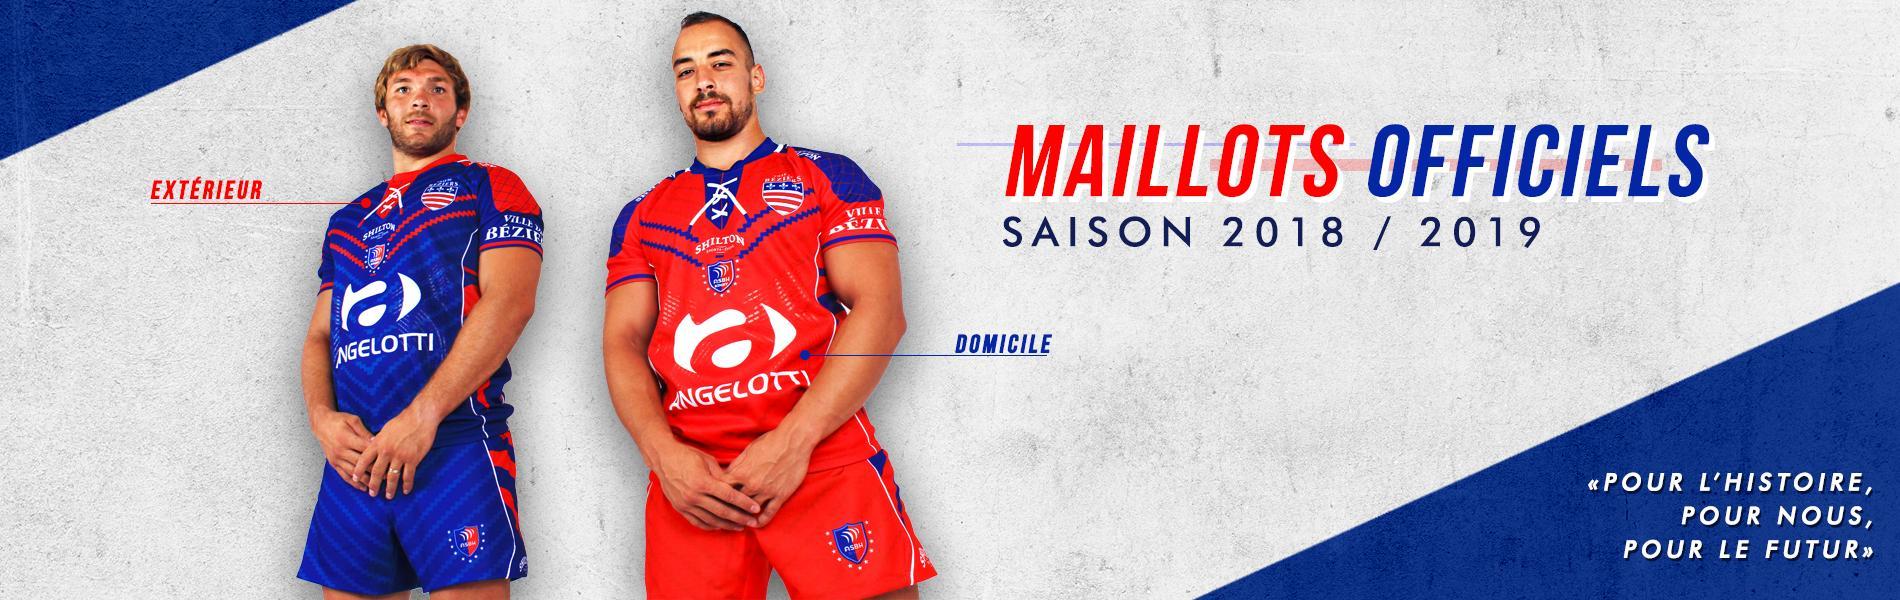 Image Le maillot officiel réplica 2018/2019 de nouveau en stock !